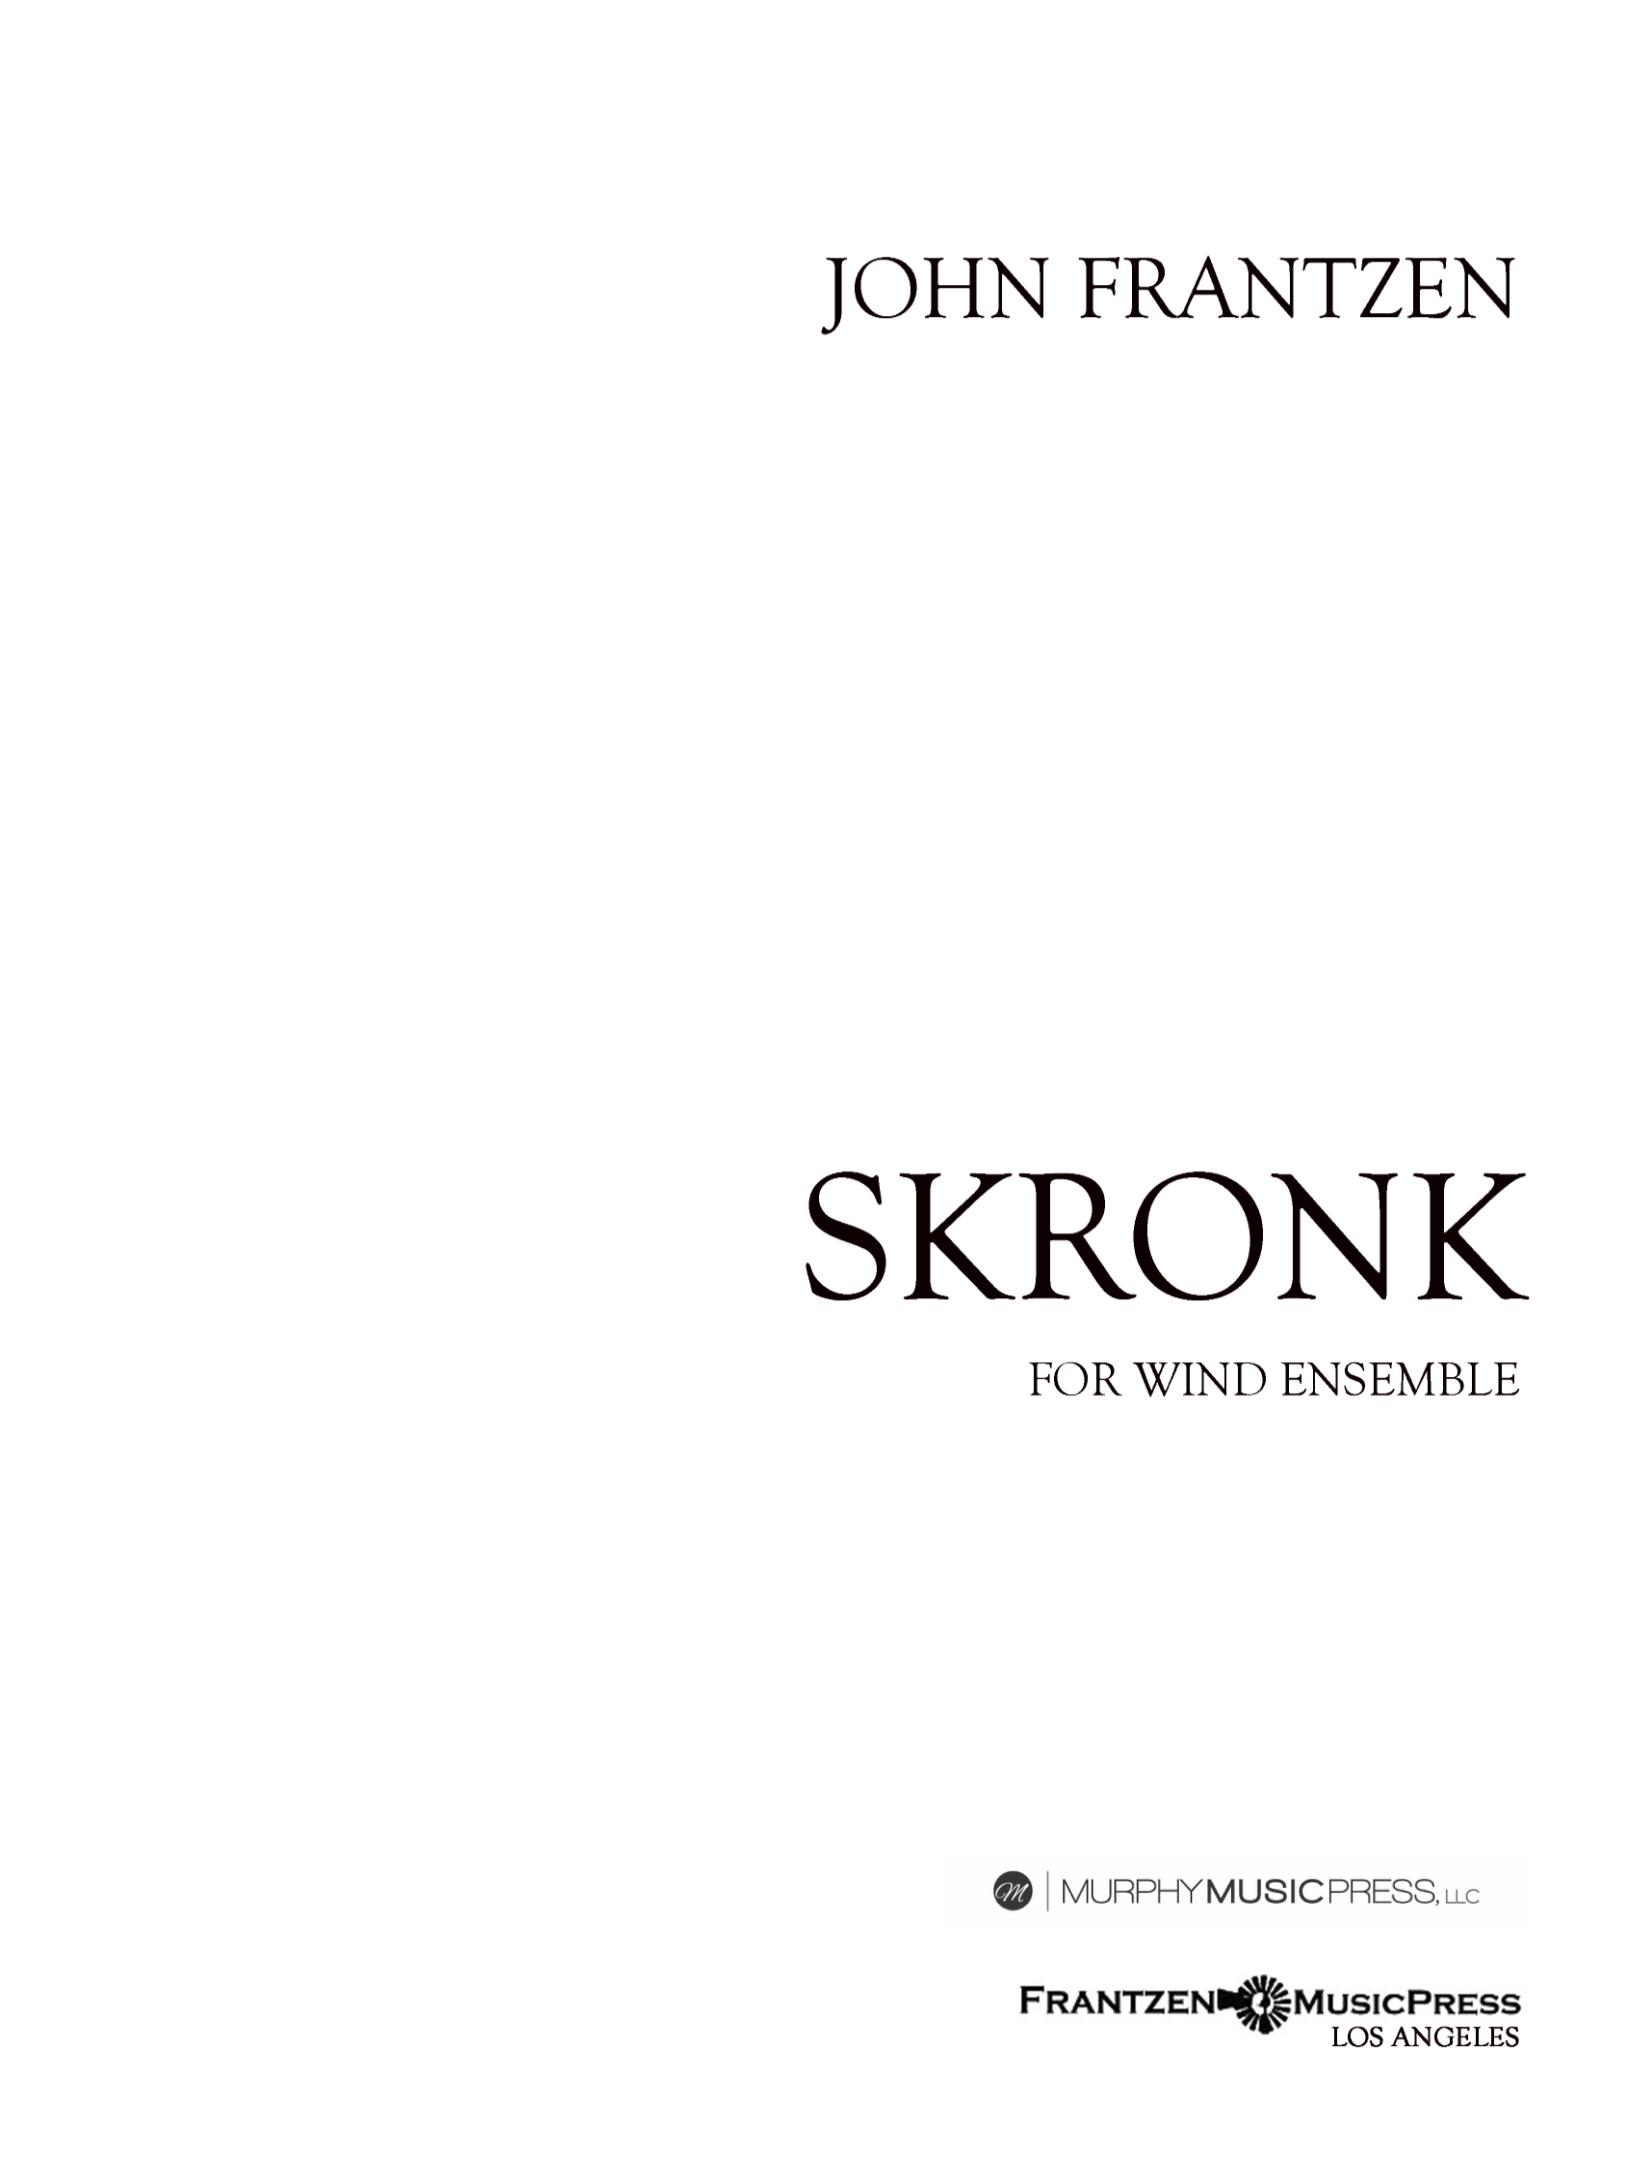 Skronk by John Frantzen